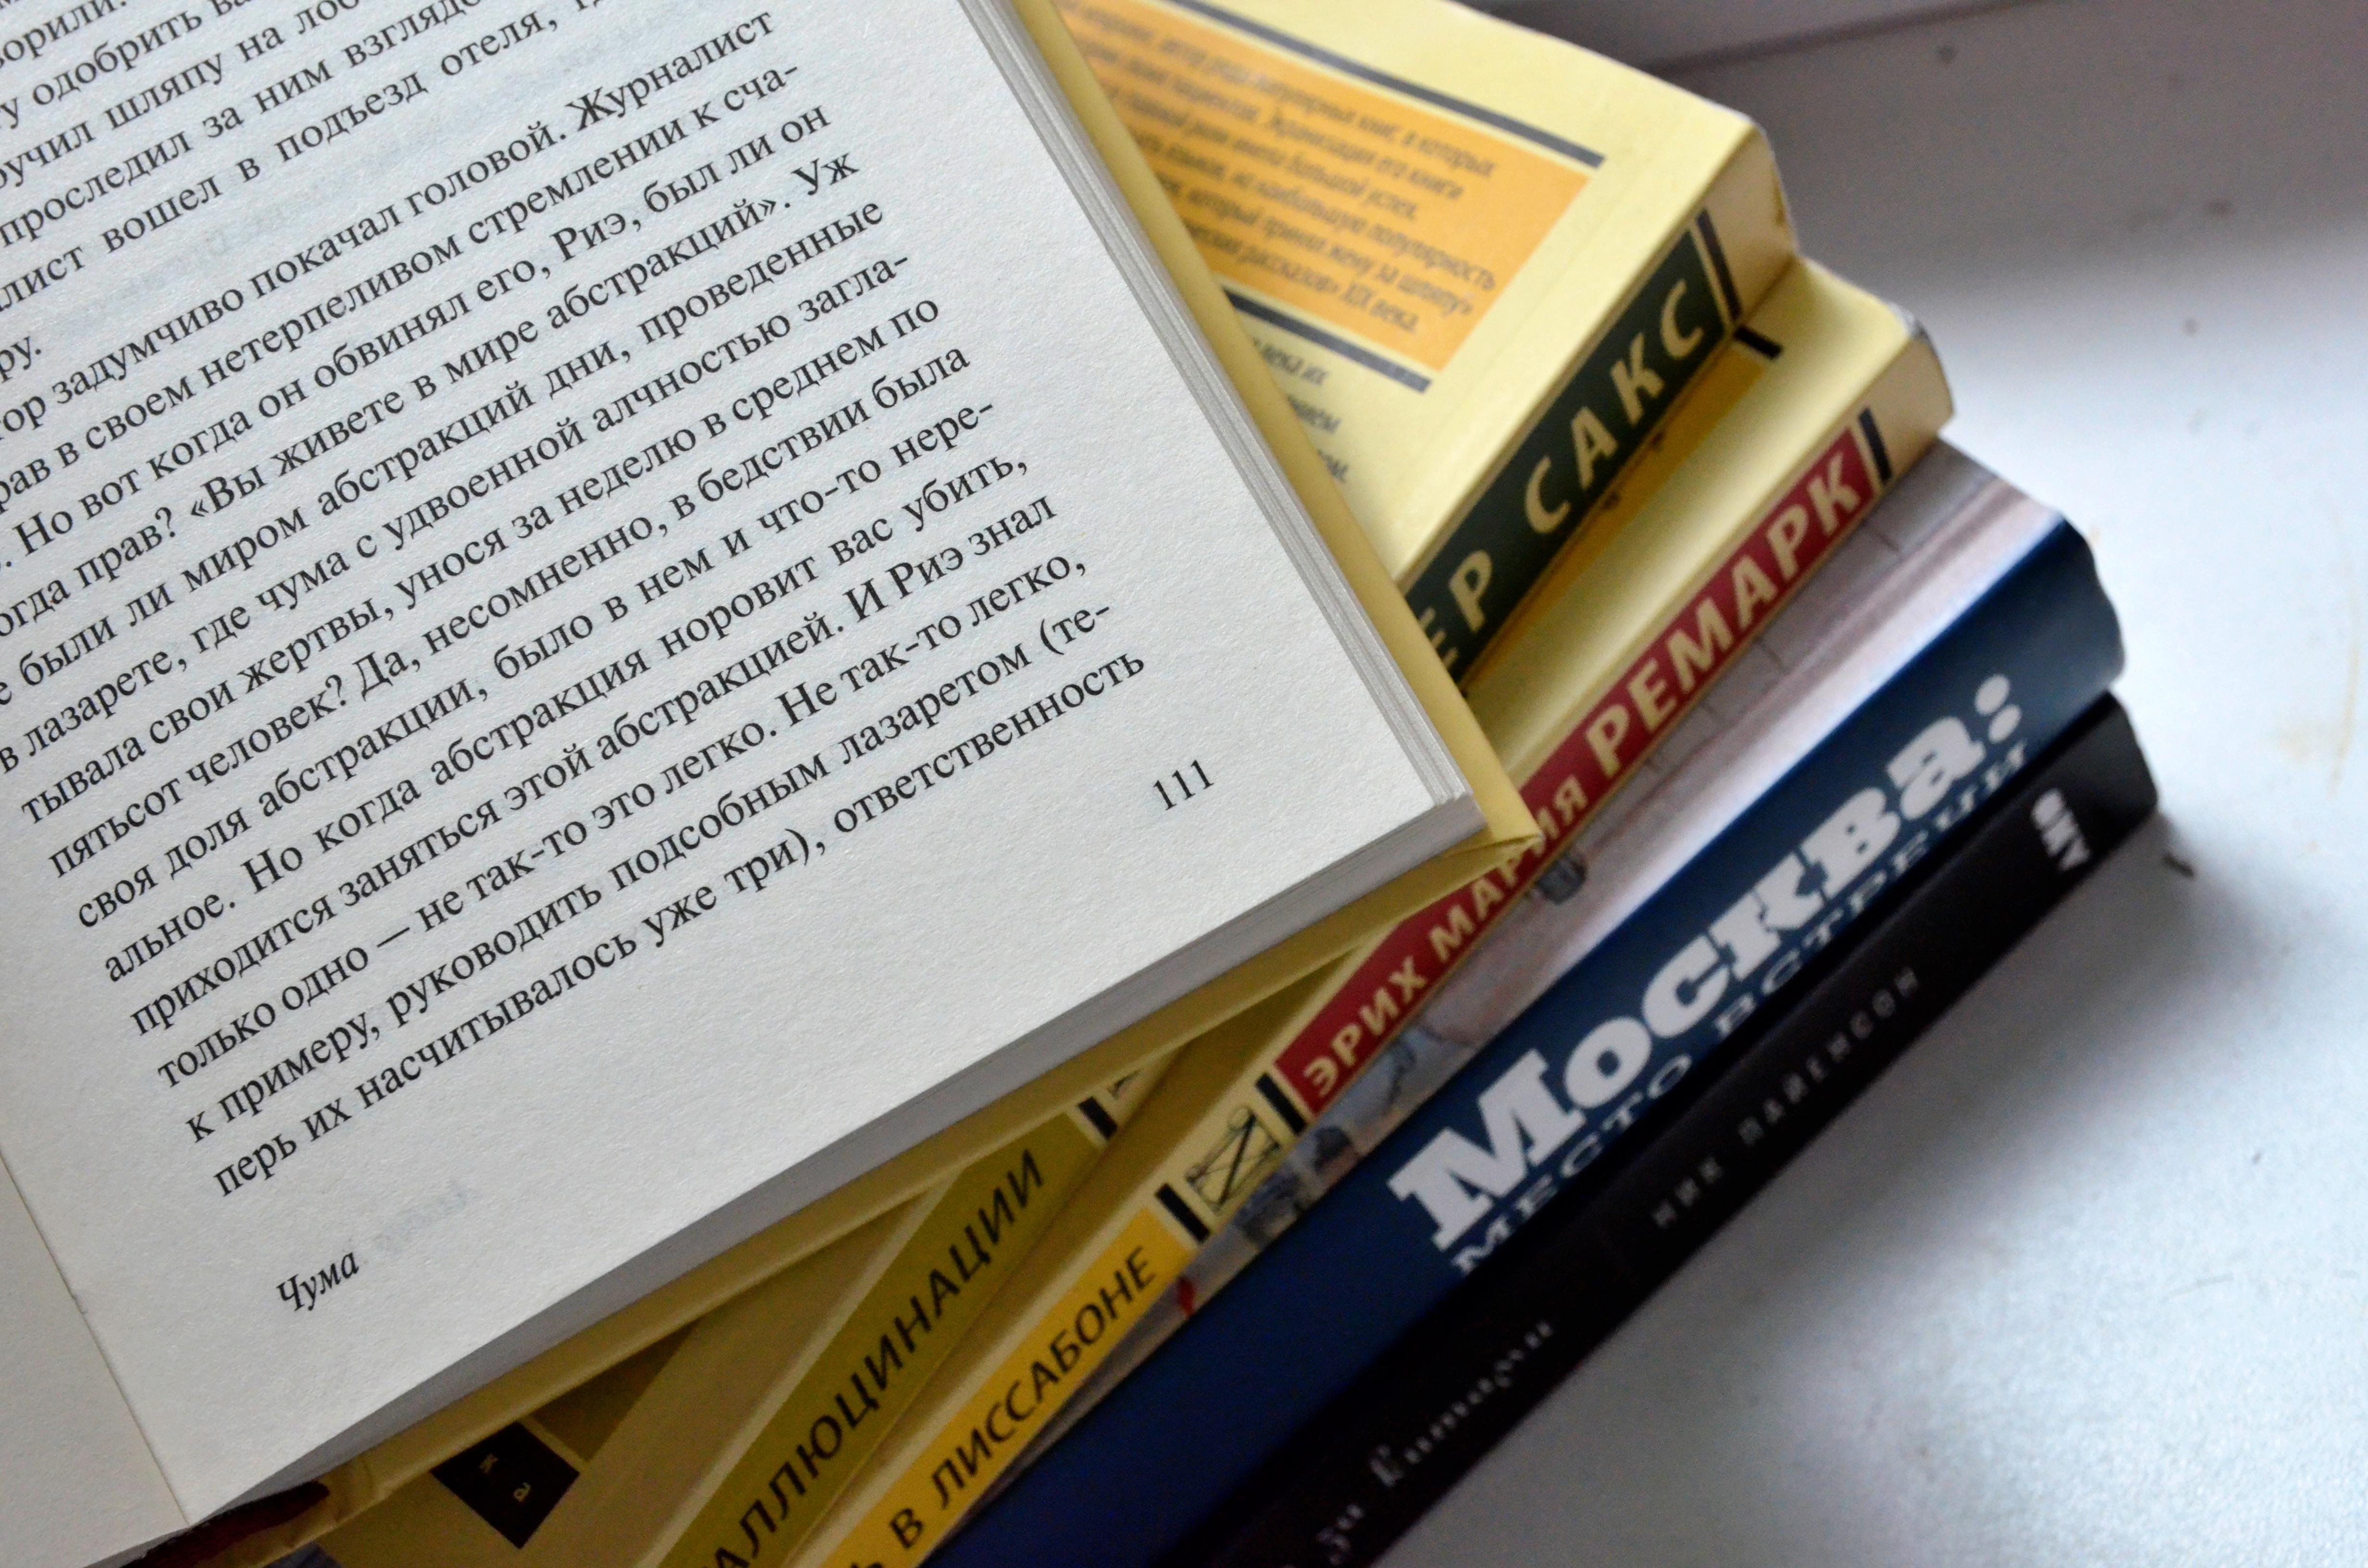 Сотрудники Дома культуры «Курилово» пригласили учеников из Щаповского в литературную гостиную